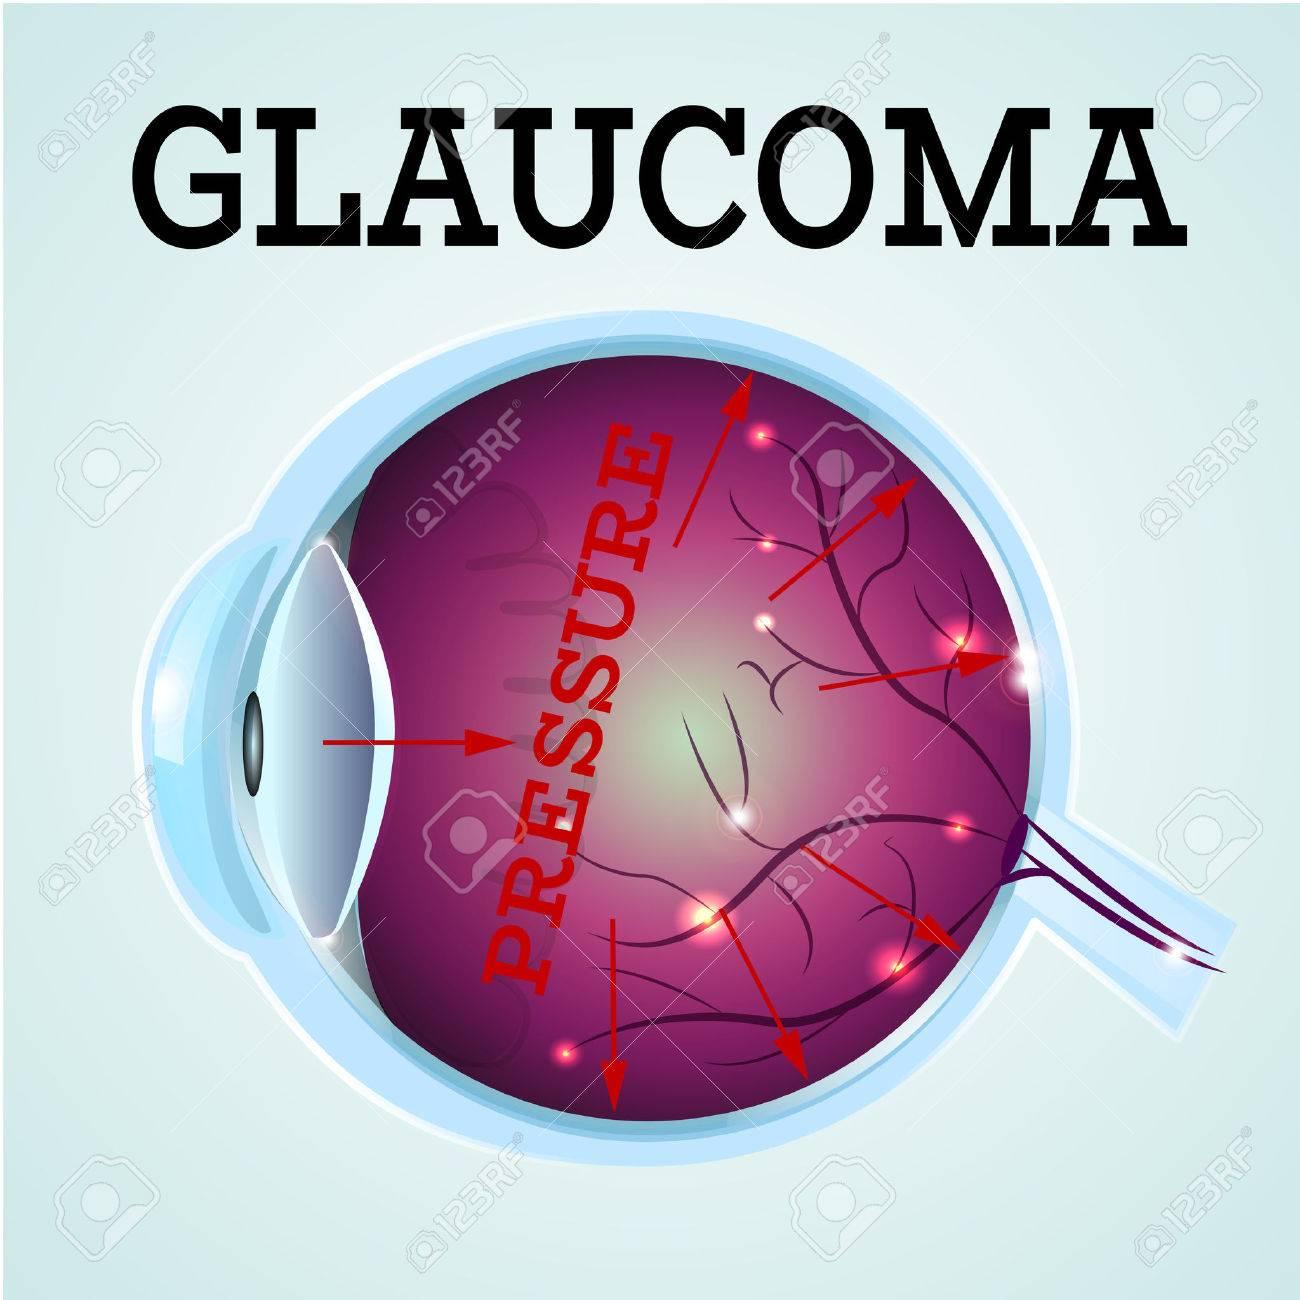 El Glaucoma Humano Anatomía Enfermedad Infografía Structure.Medical ...